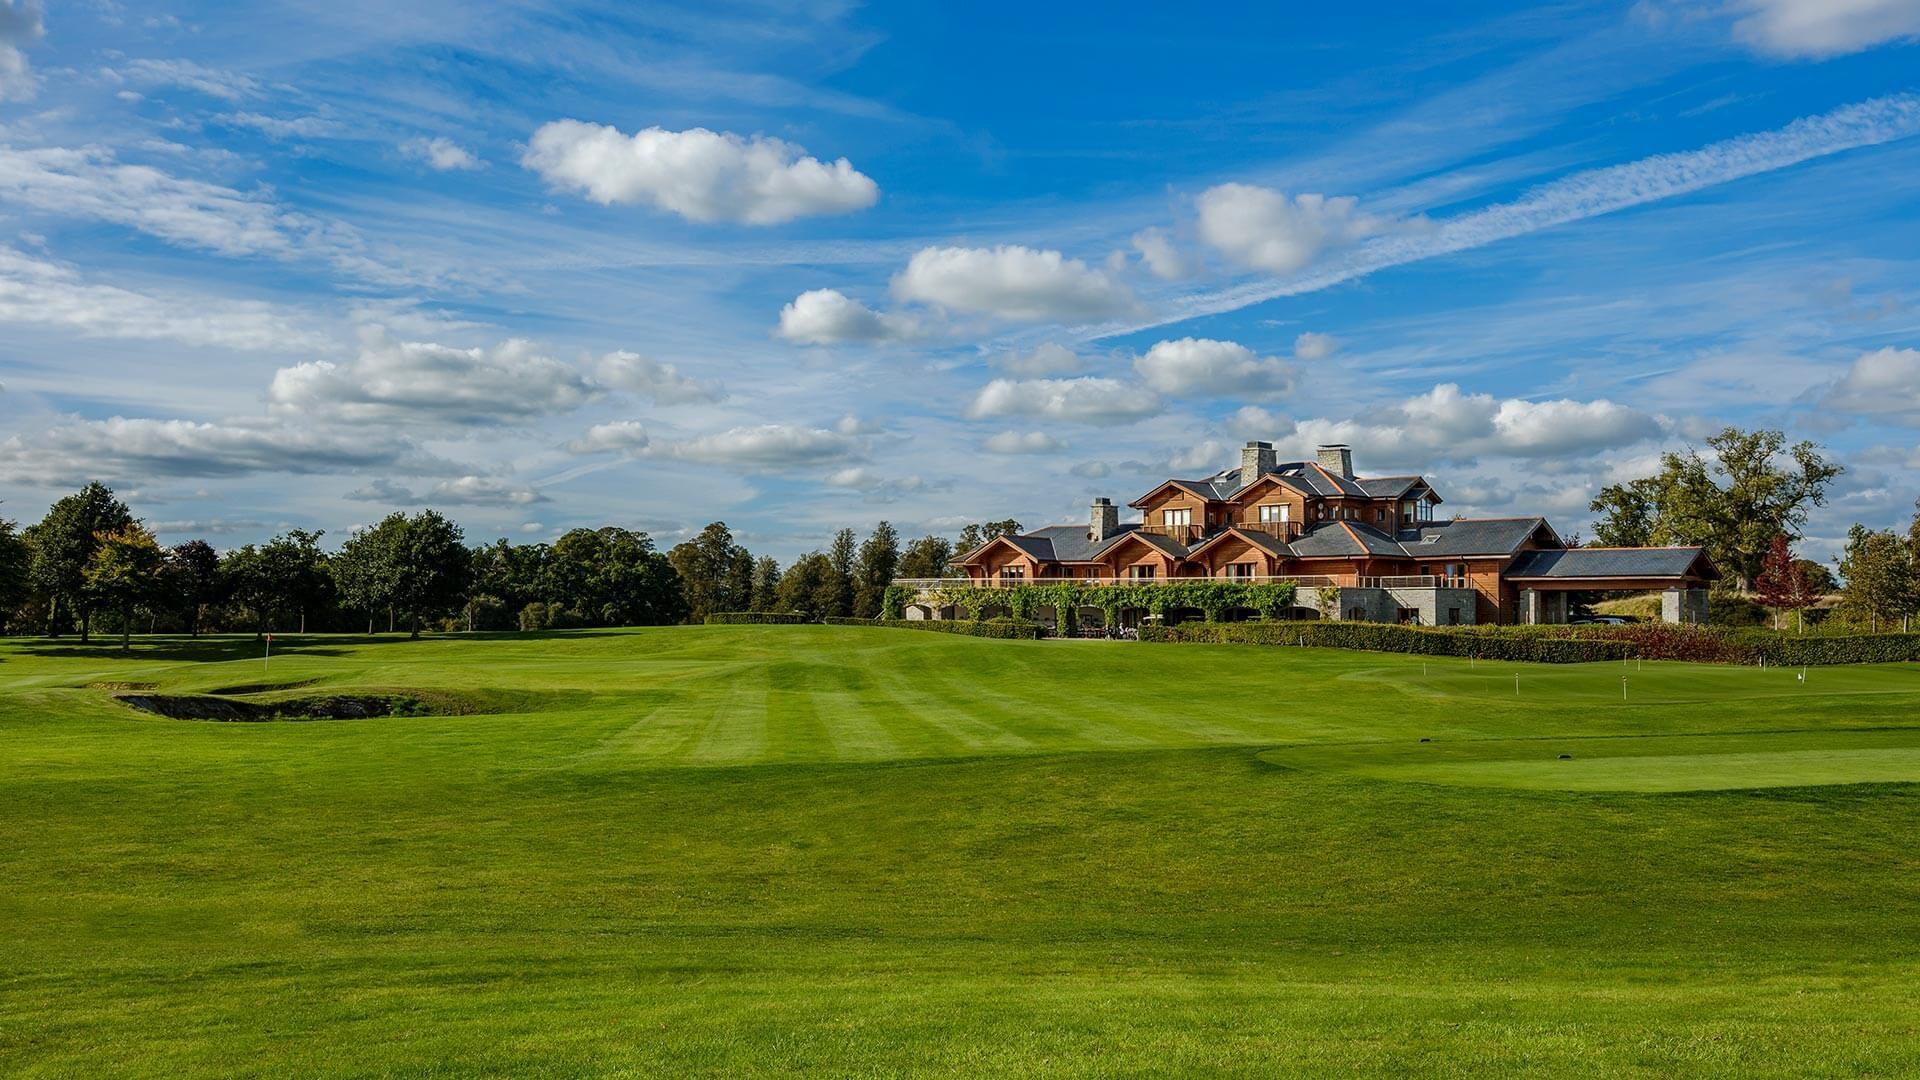 luttrellstown-golf-2-1920x1080.jpg